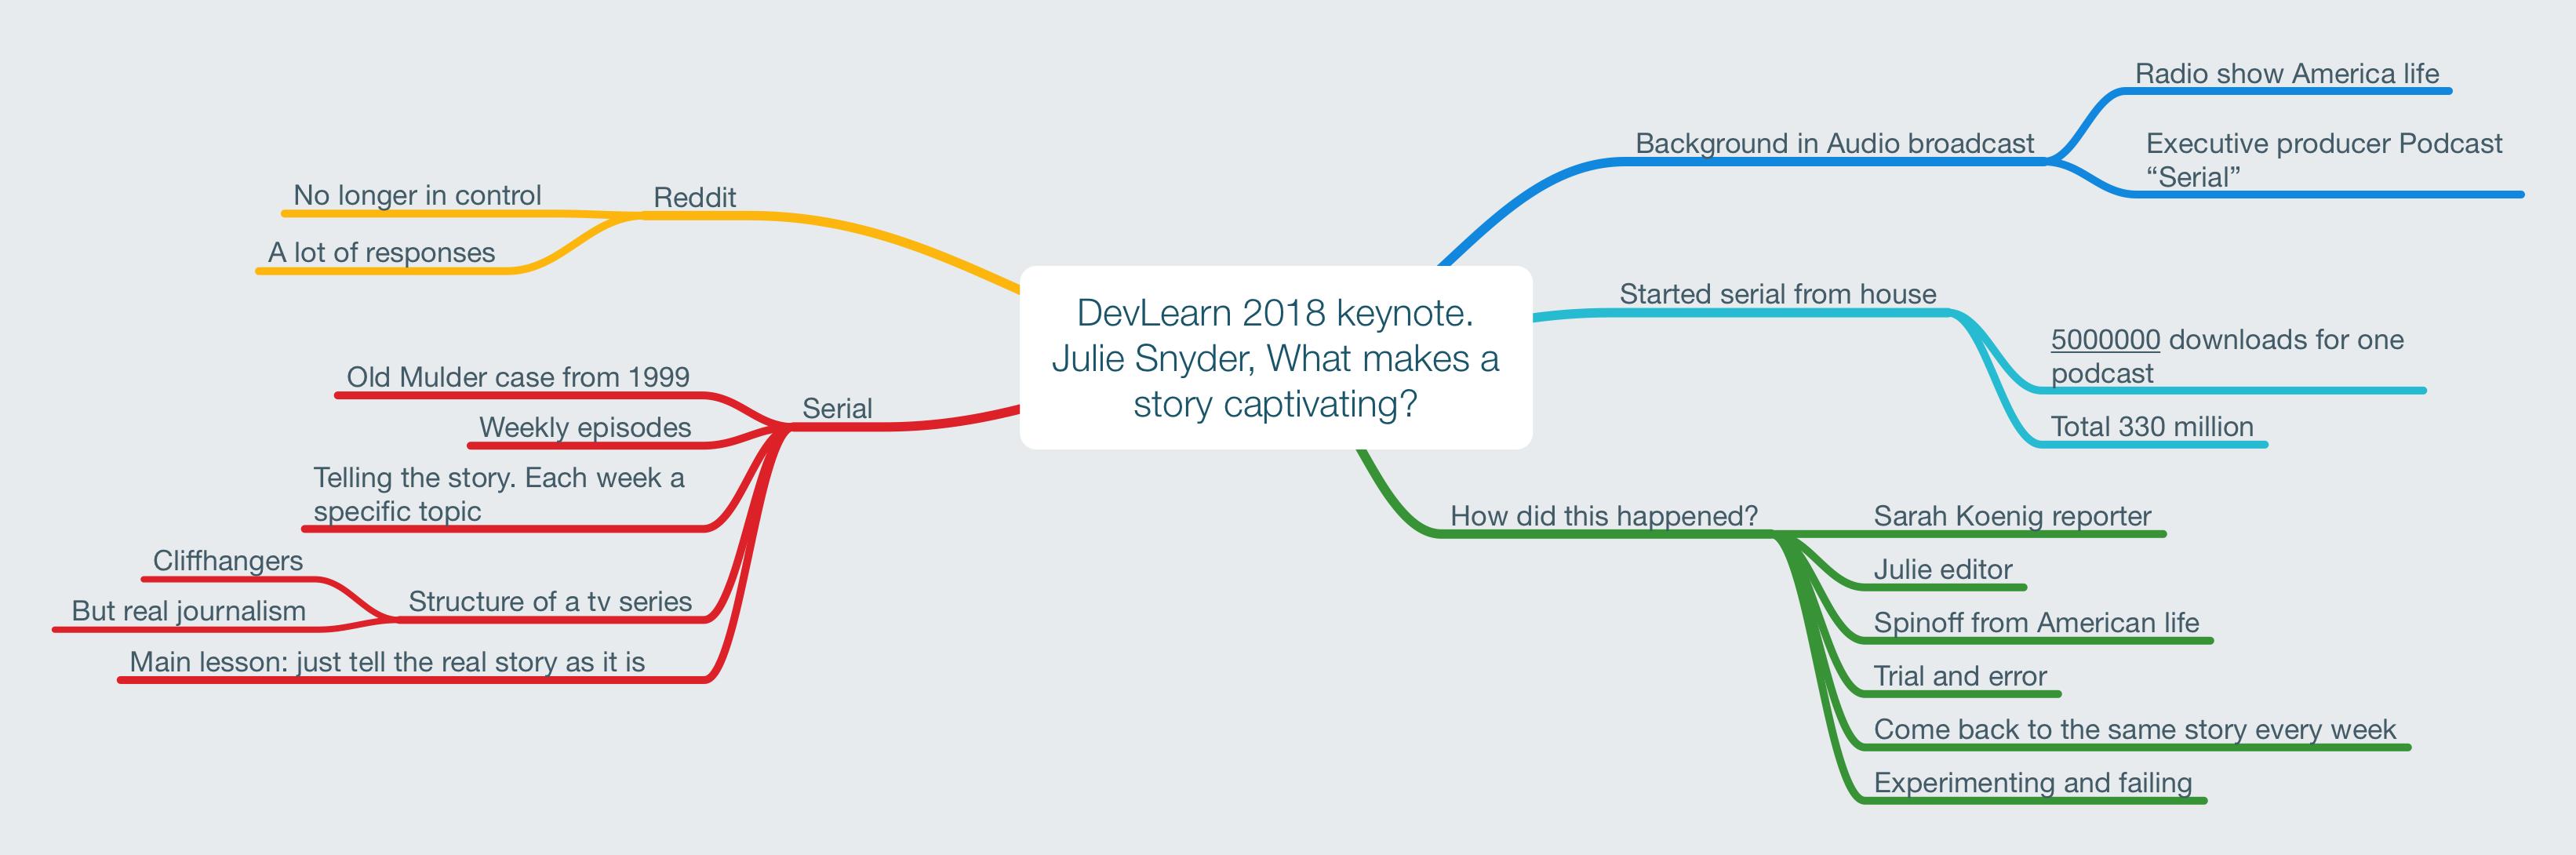 DevLearn 2018 keynote. Julie Snyder